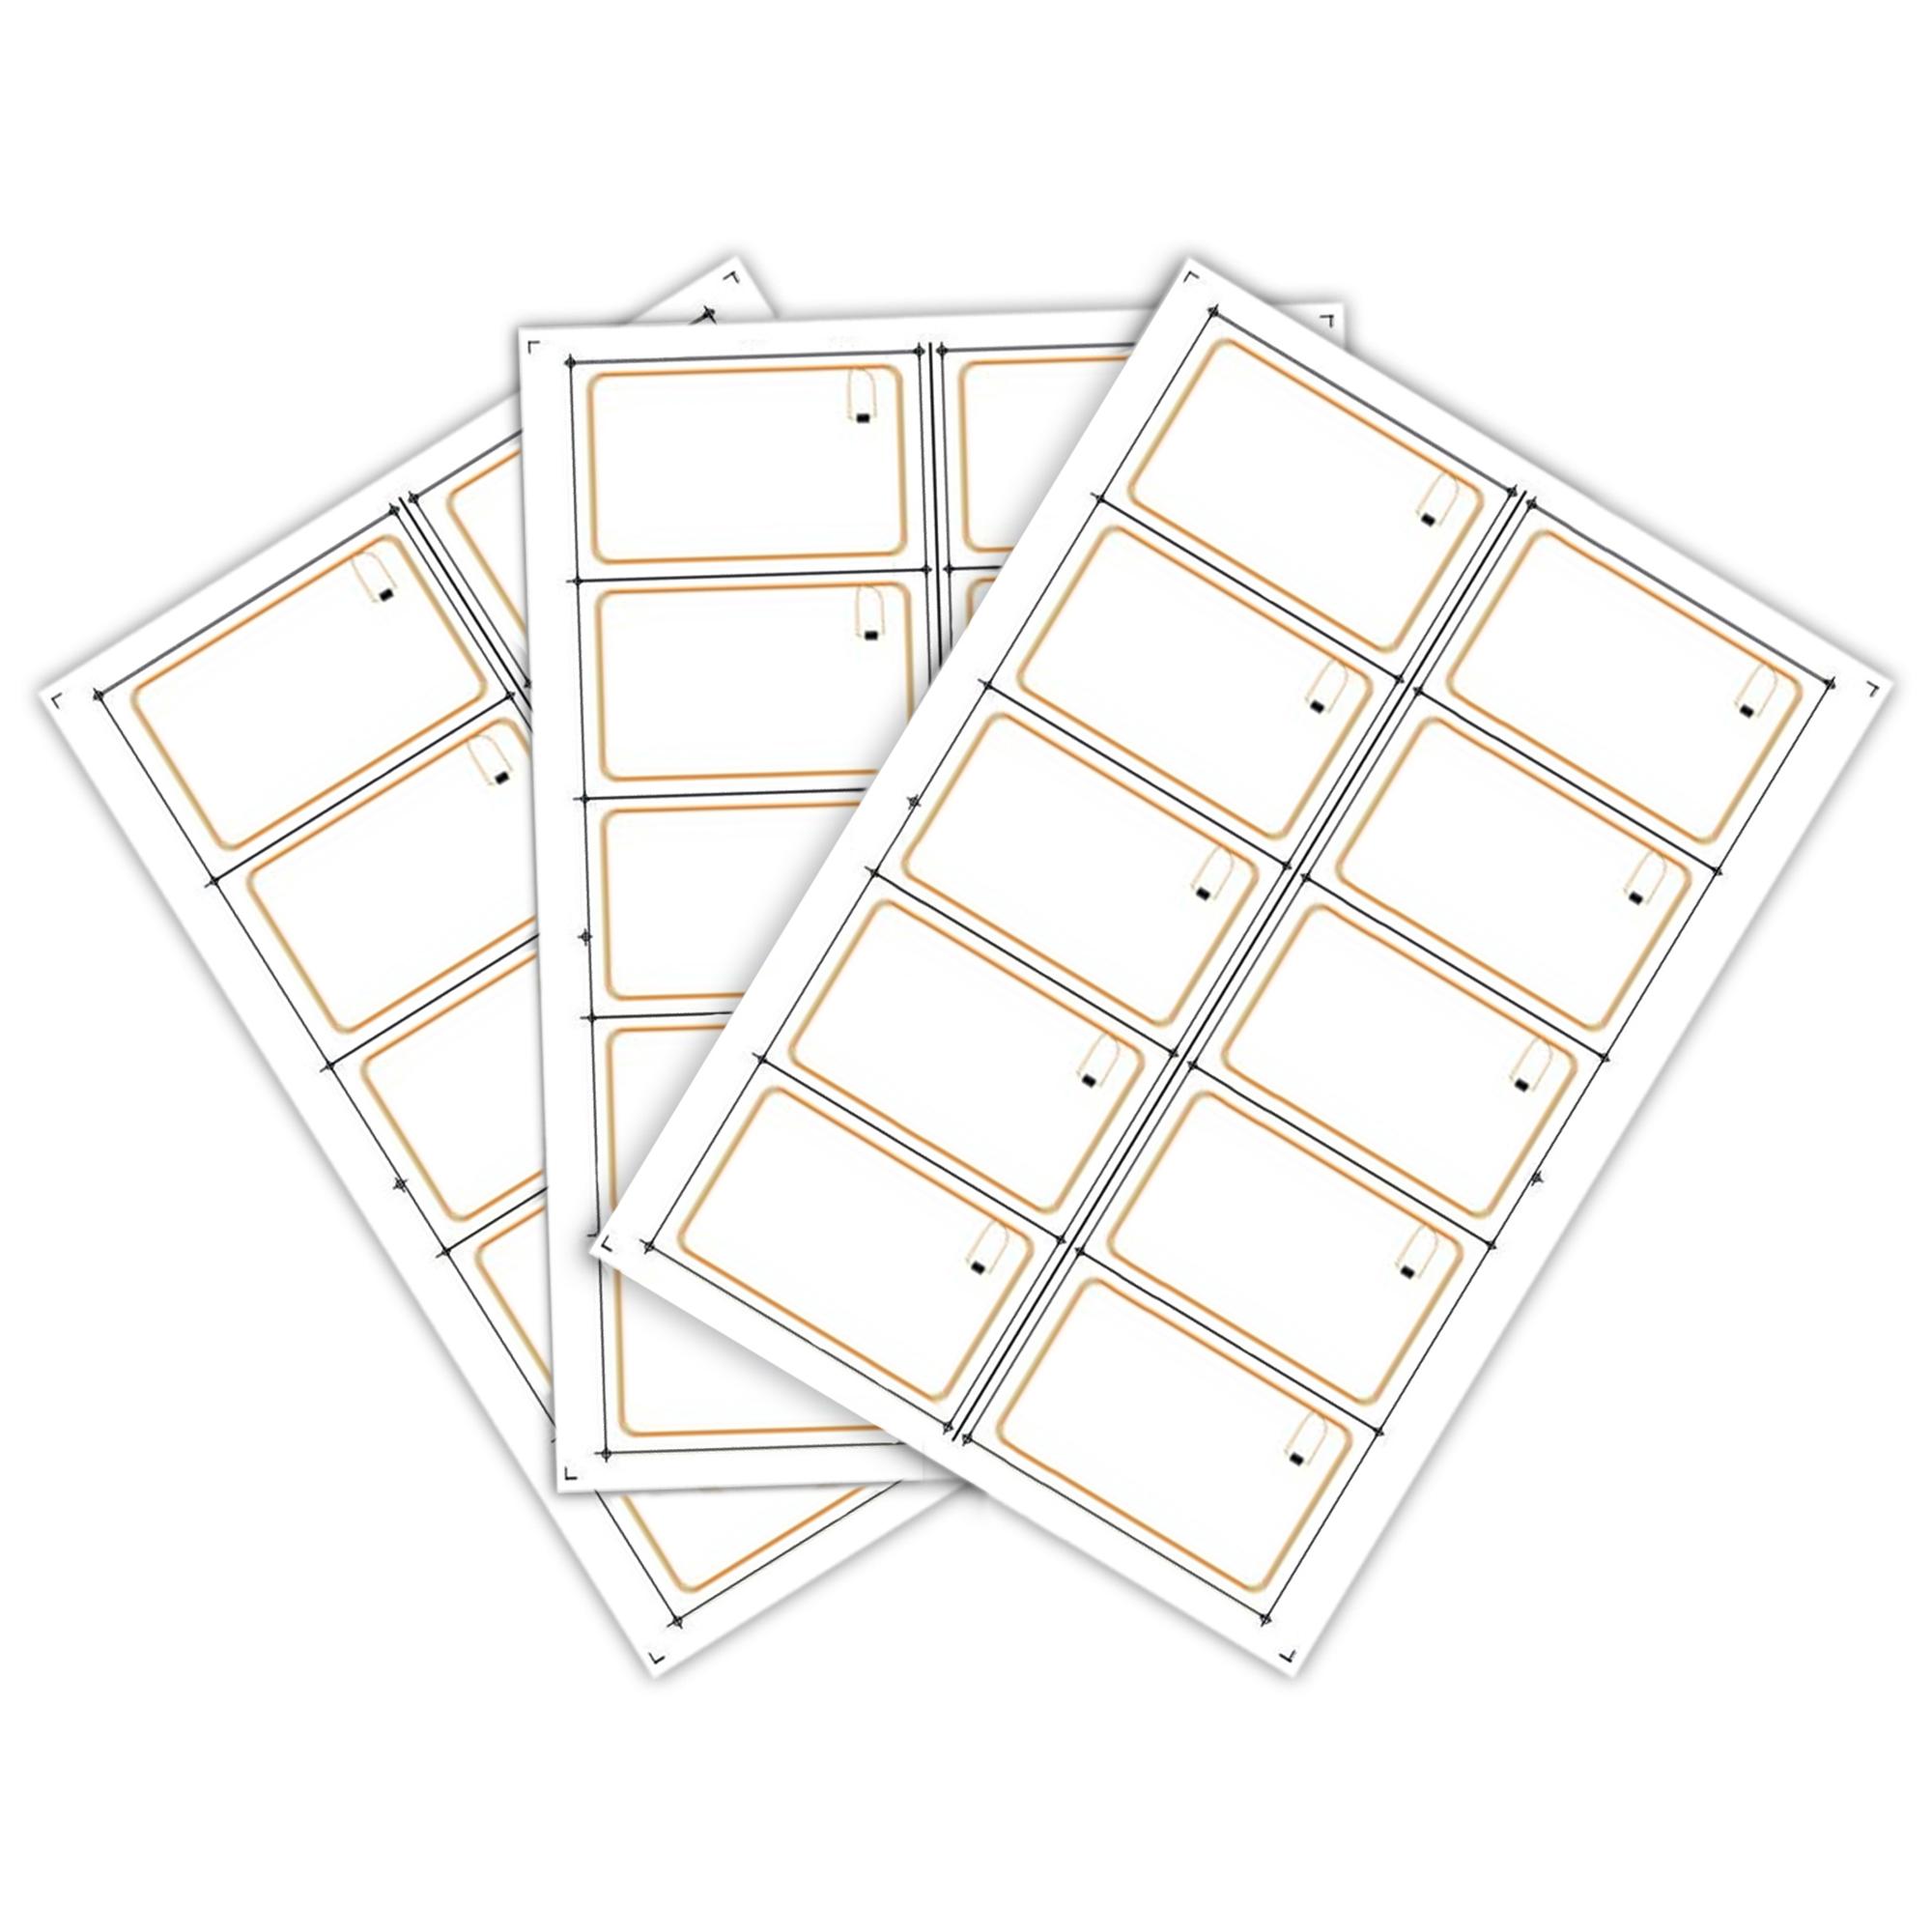 Сырье для производства rfid-карт Mifare 4K (10 чипов на листе формата A4)